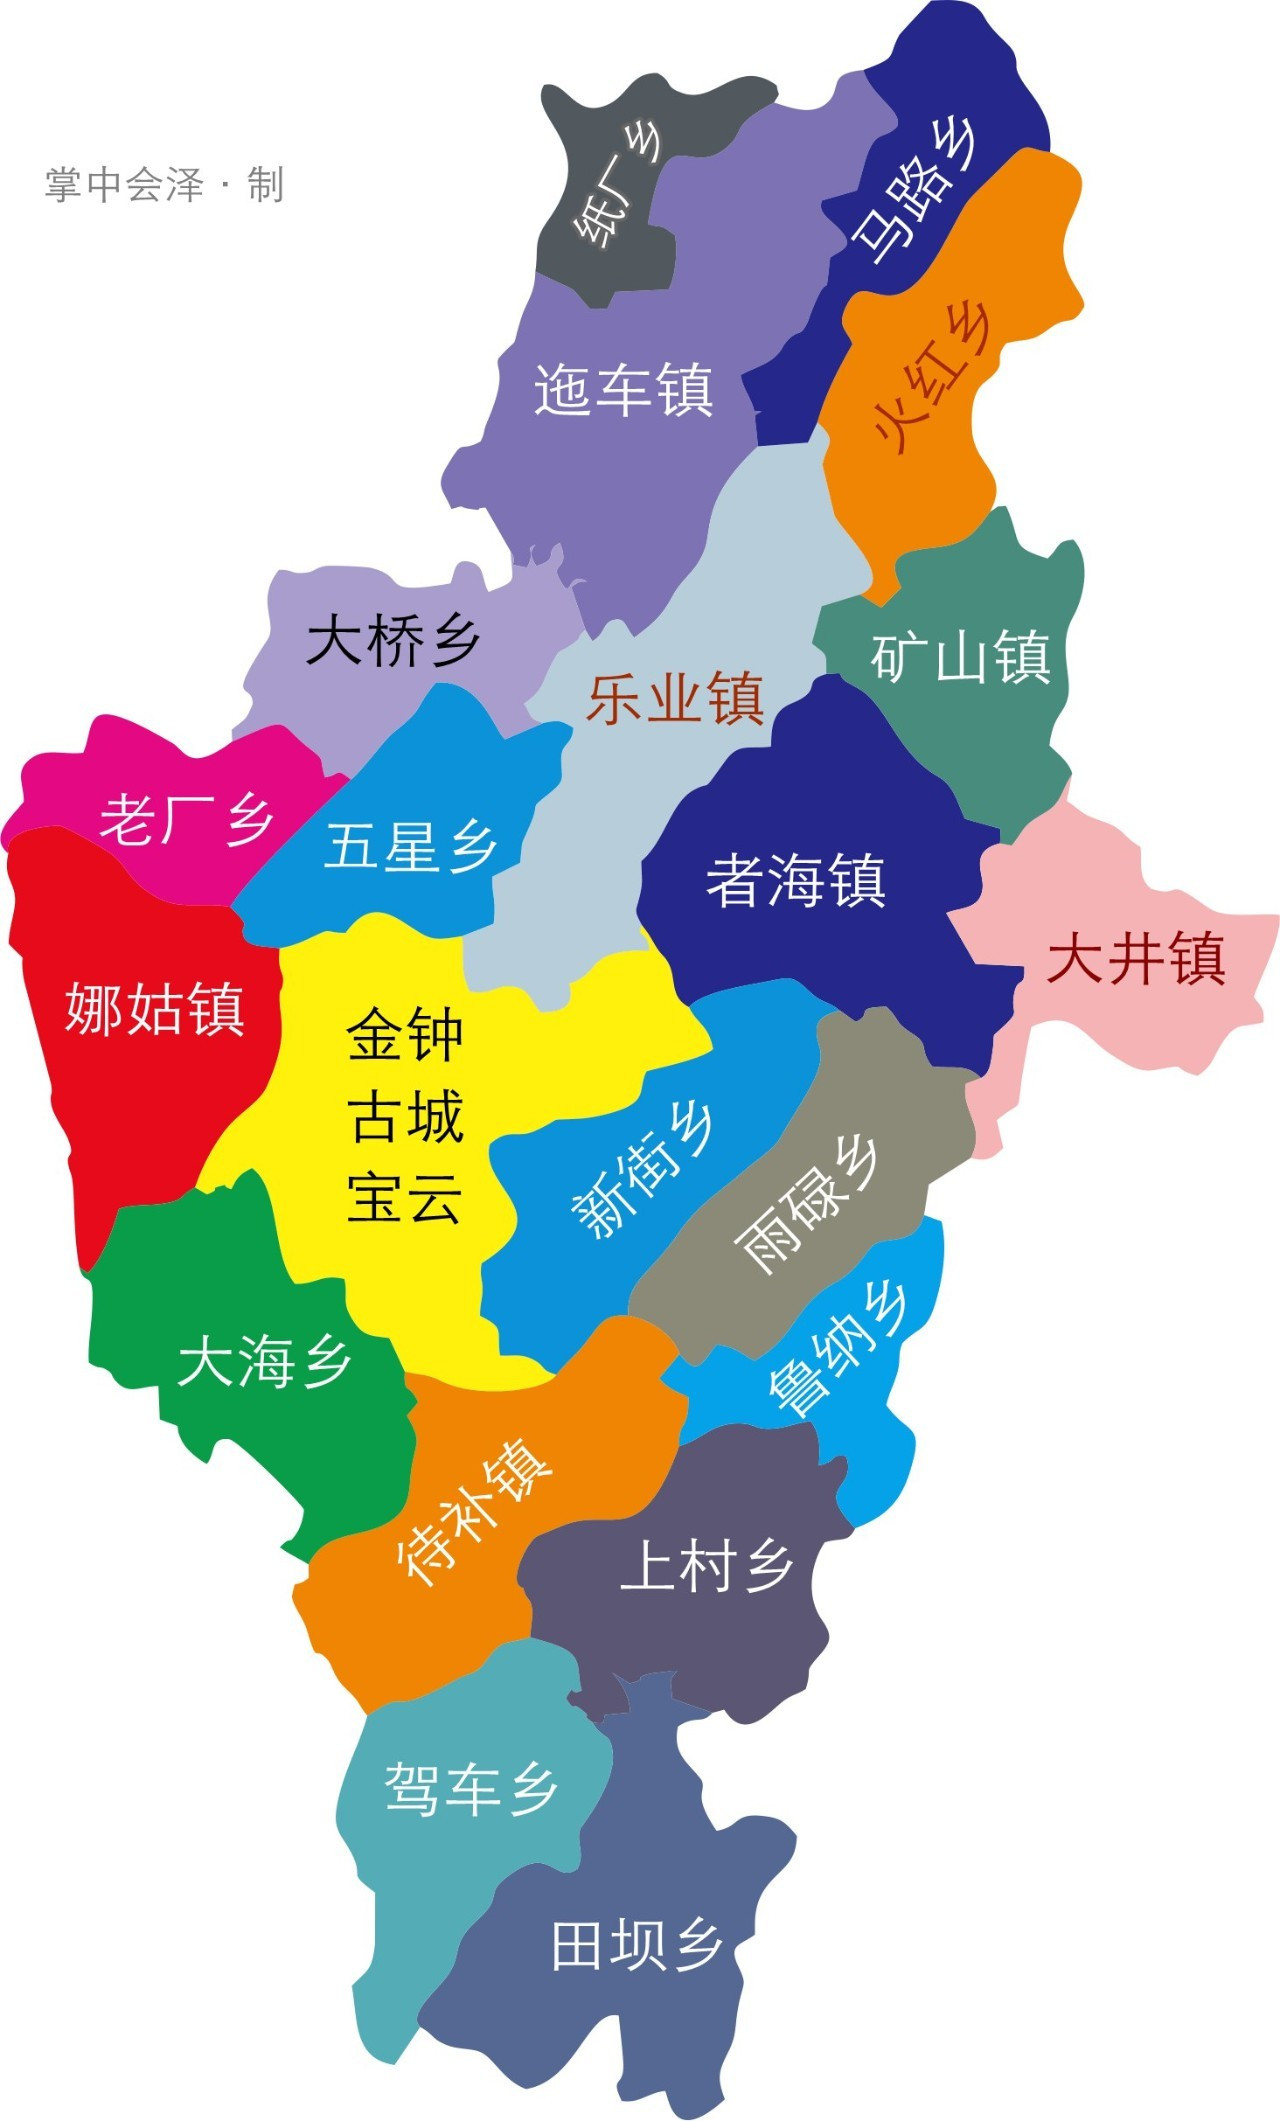 岑溪各个乡镇各村多少人口_岑溪新联村地图